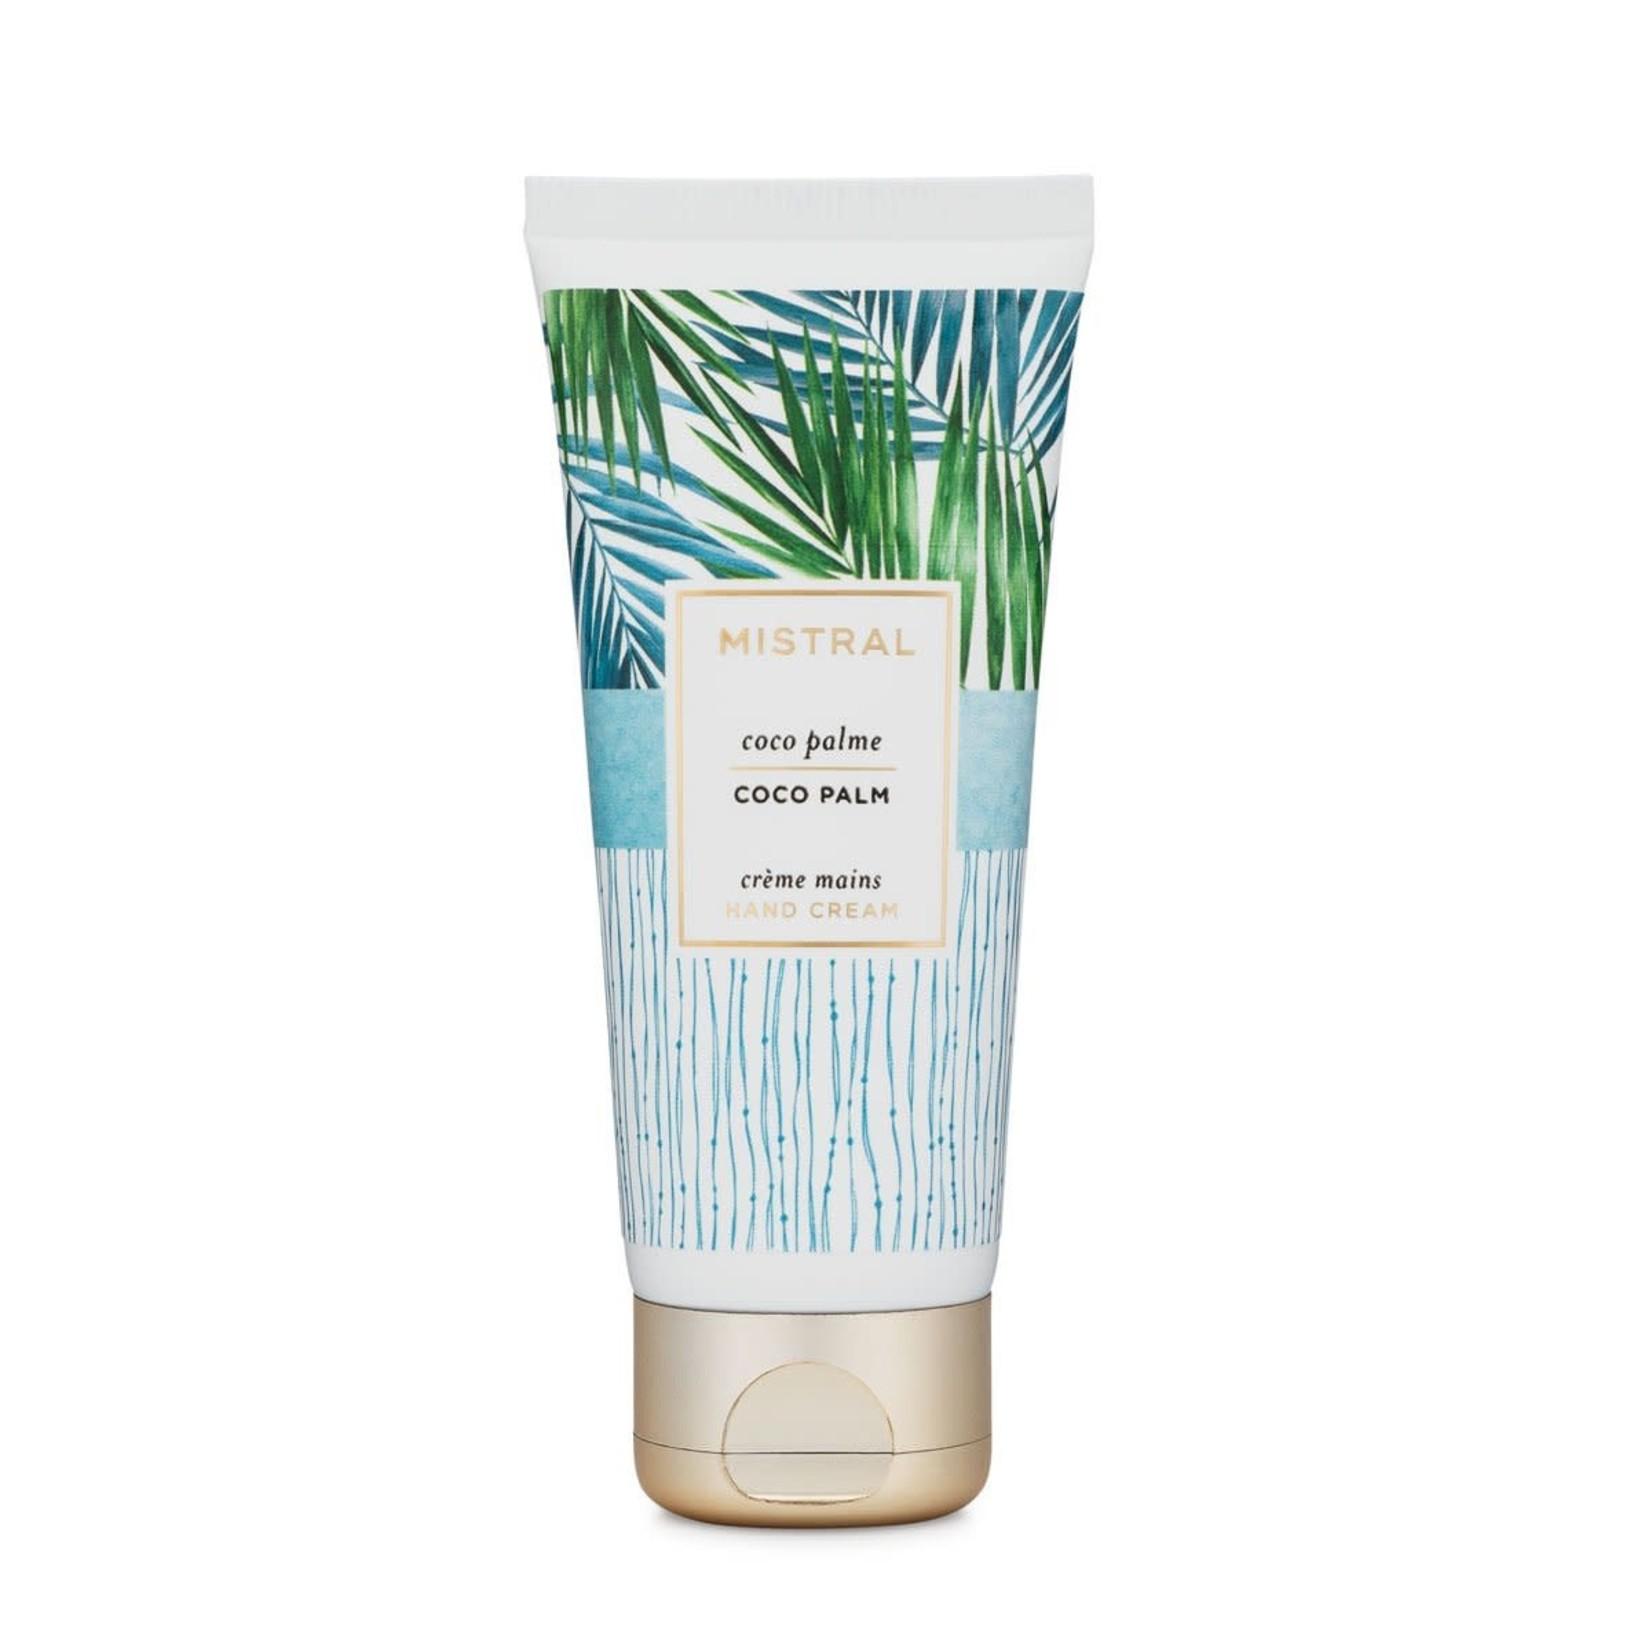 Mistral MISTRAL crème à mains - Coco palme